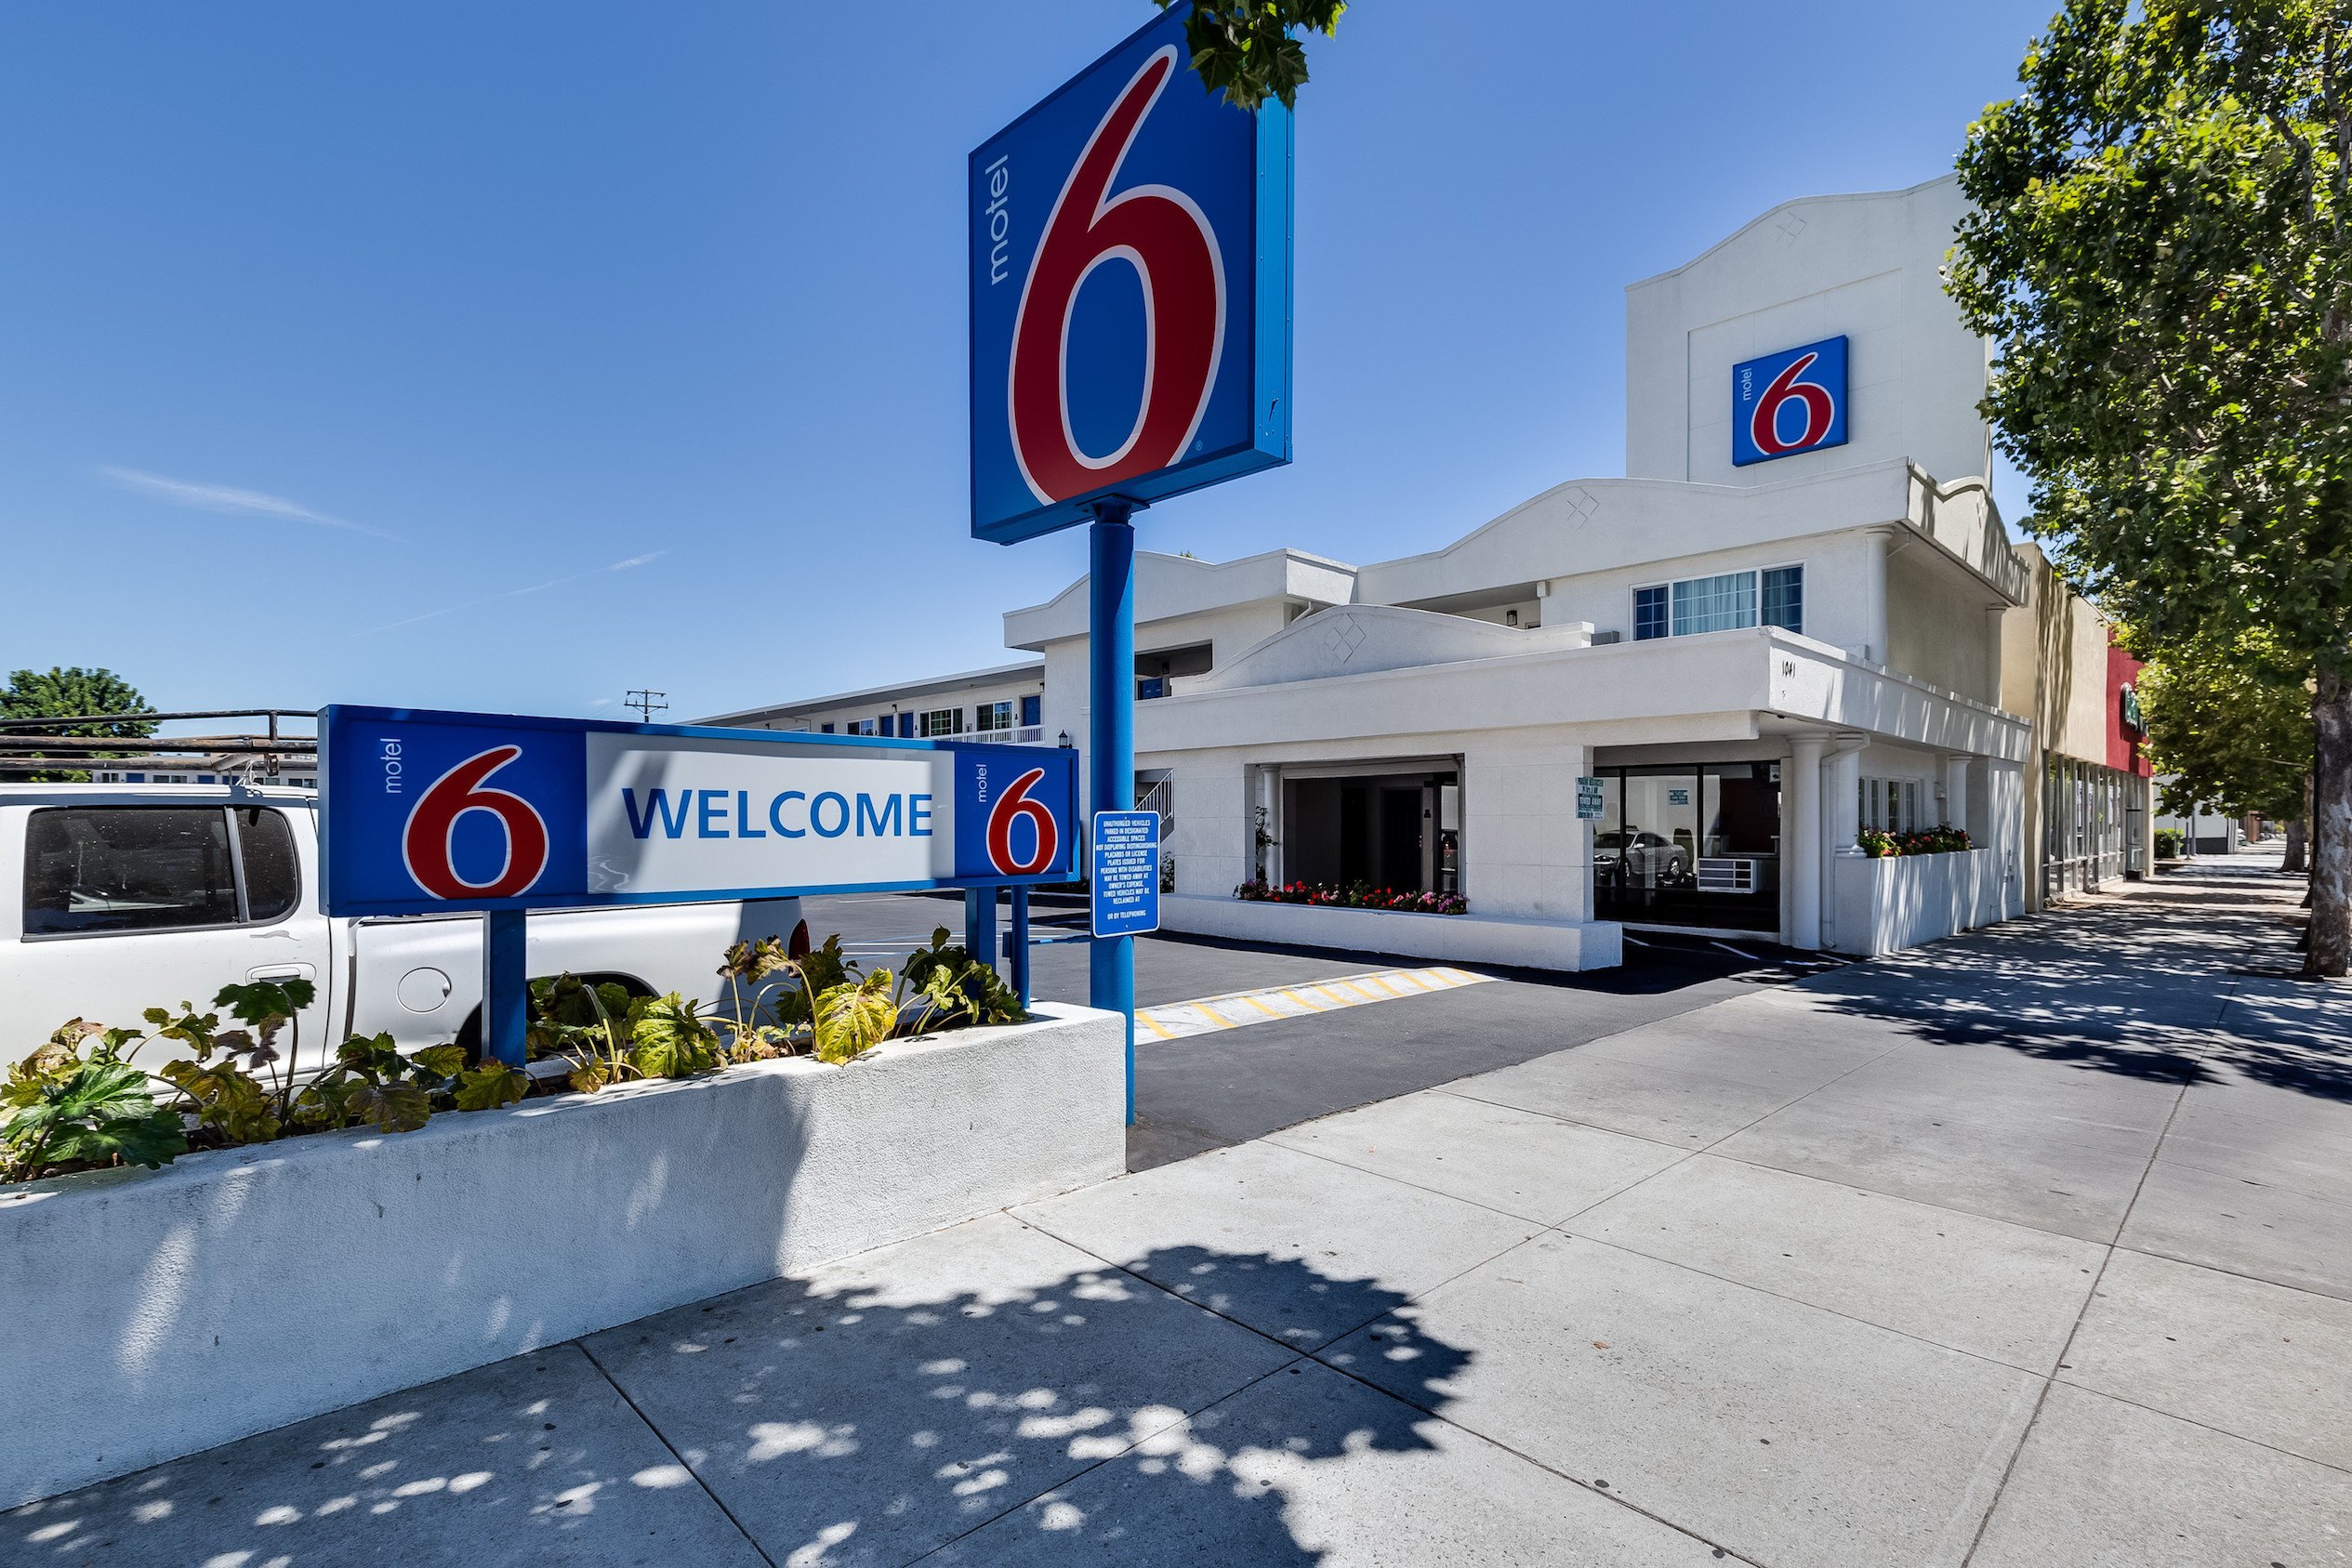 聖荷西會展中心6號汽車旅館